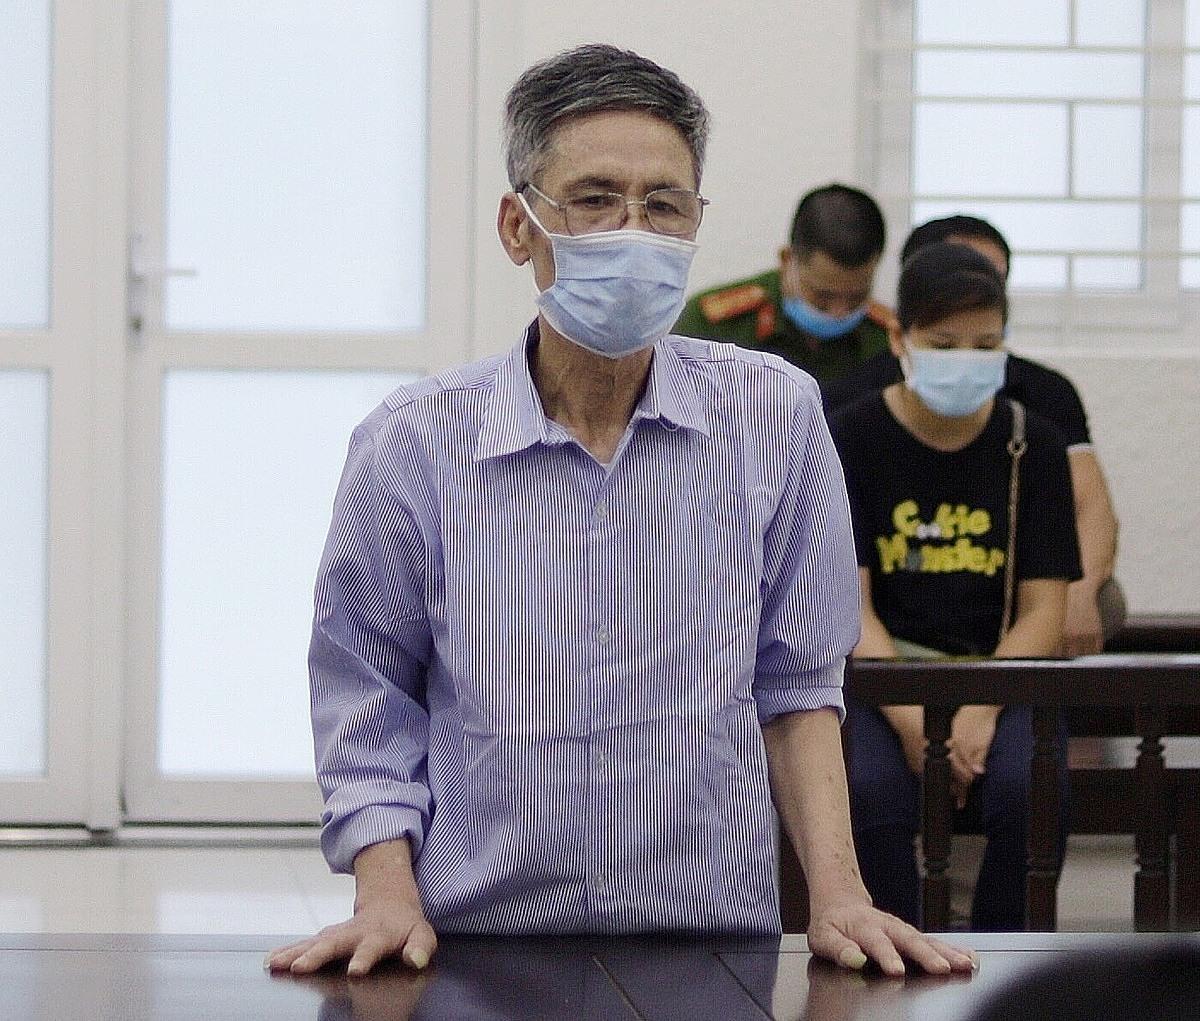 Bị cáo Trần Văn Tròn trong phiên xét xử sáng 18/6. Ảnh: Danh Lam